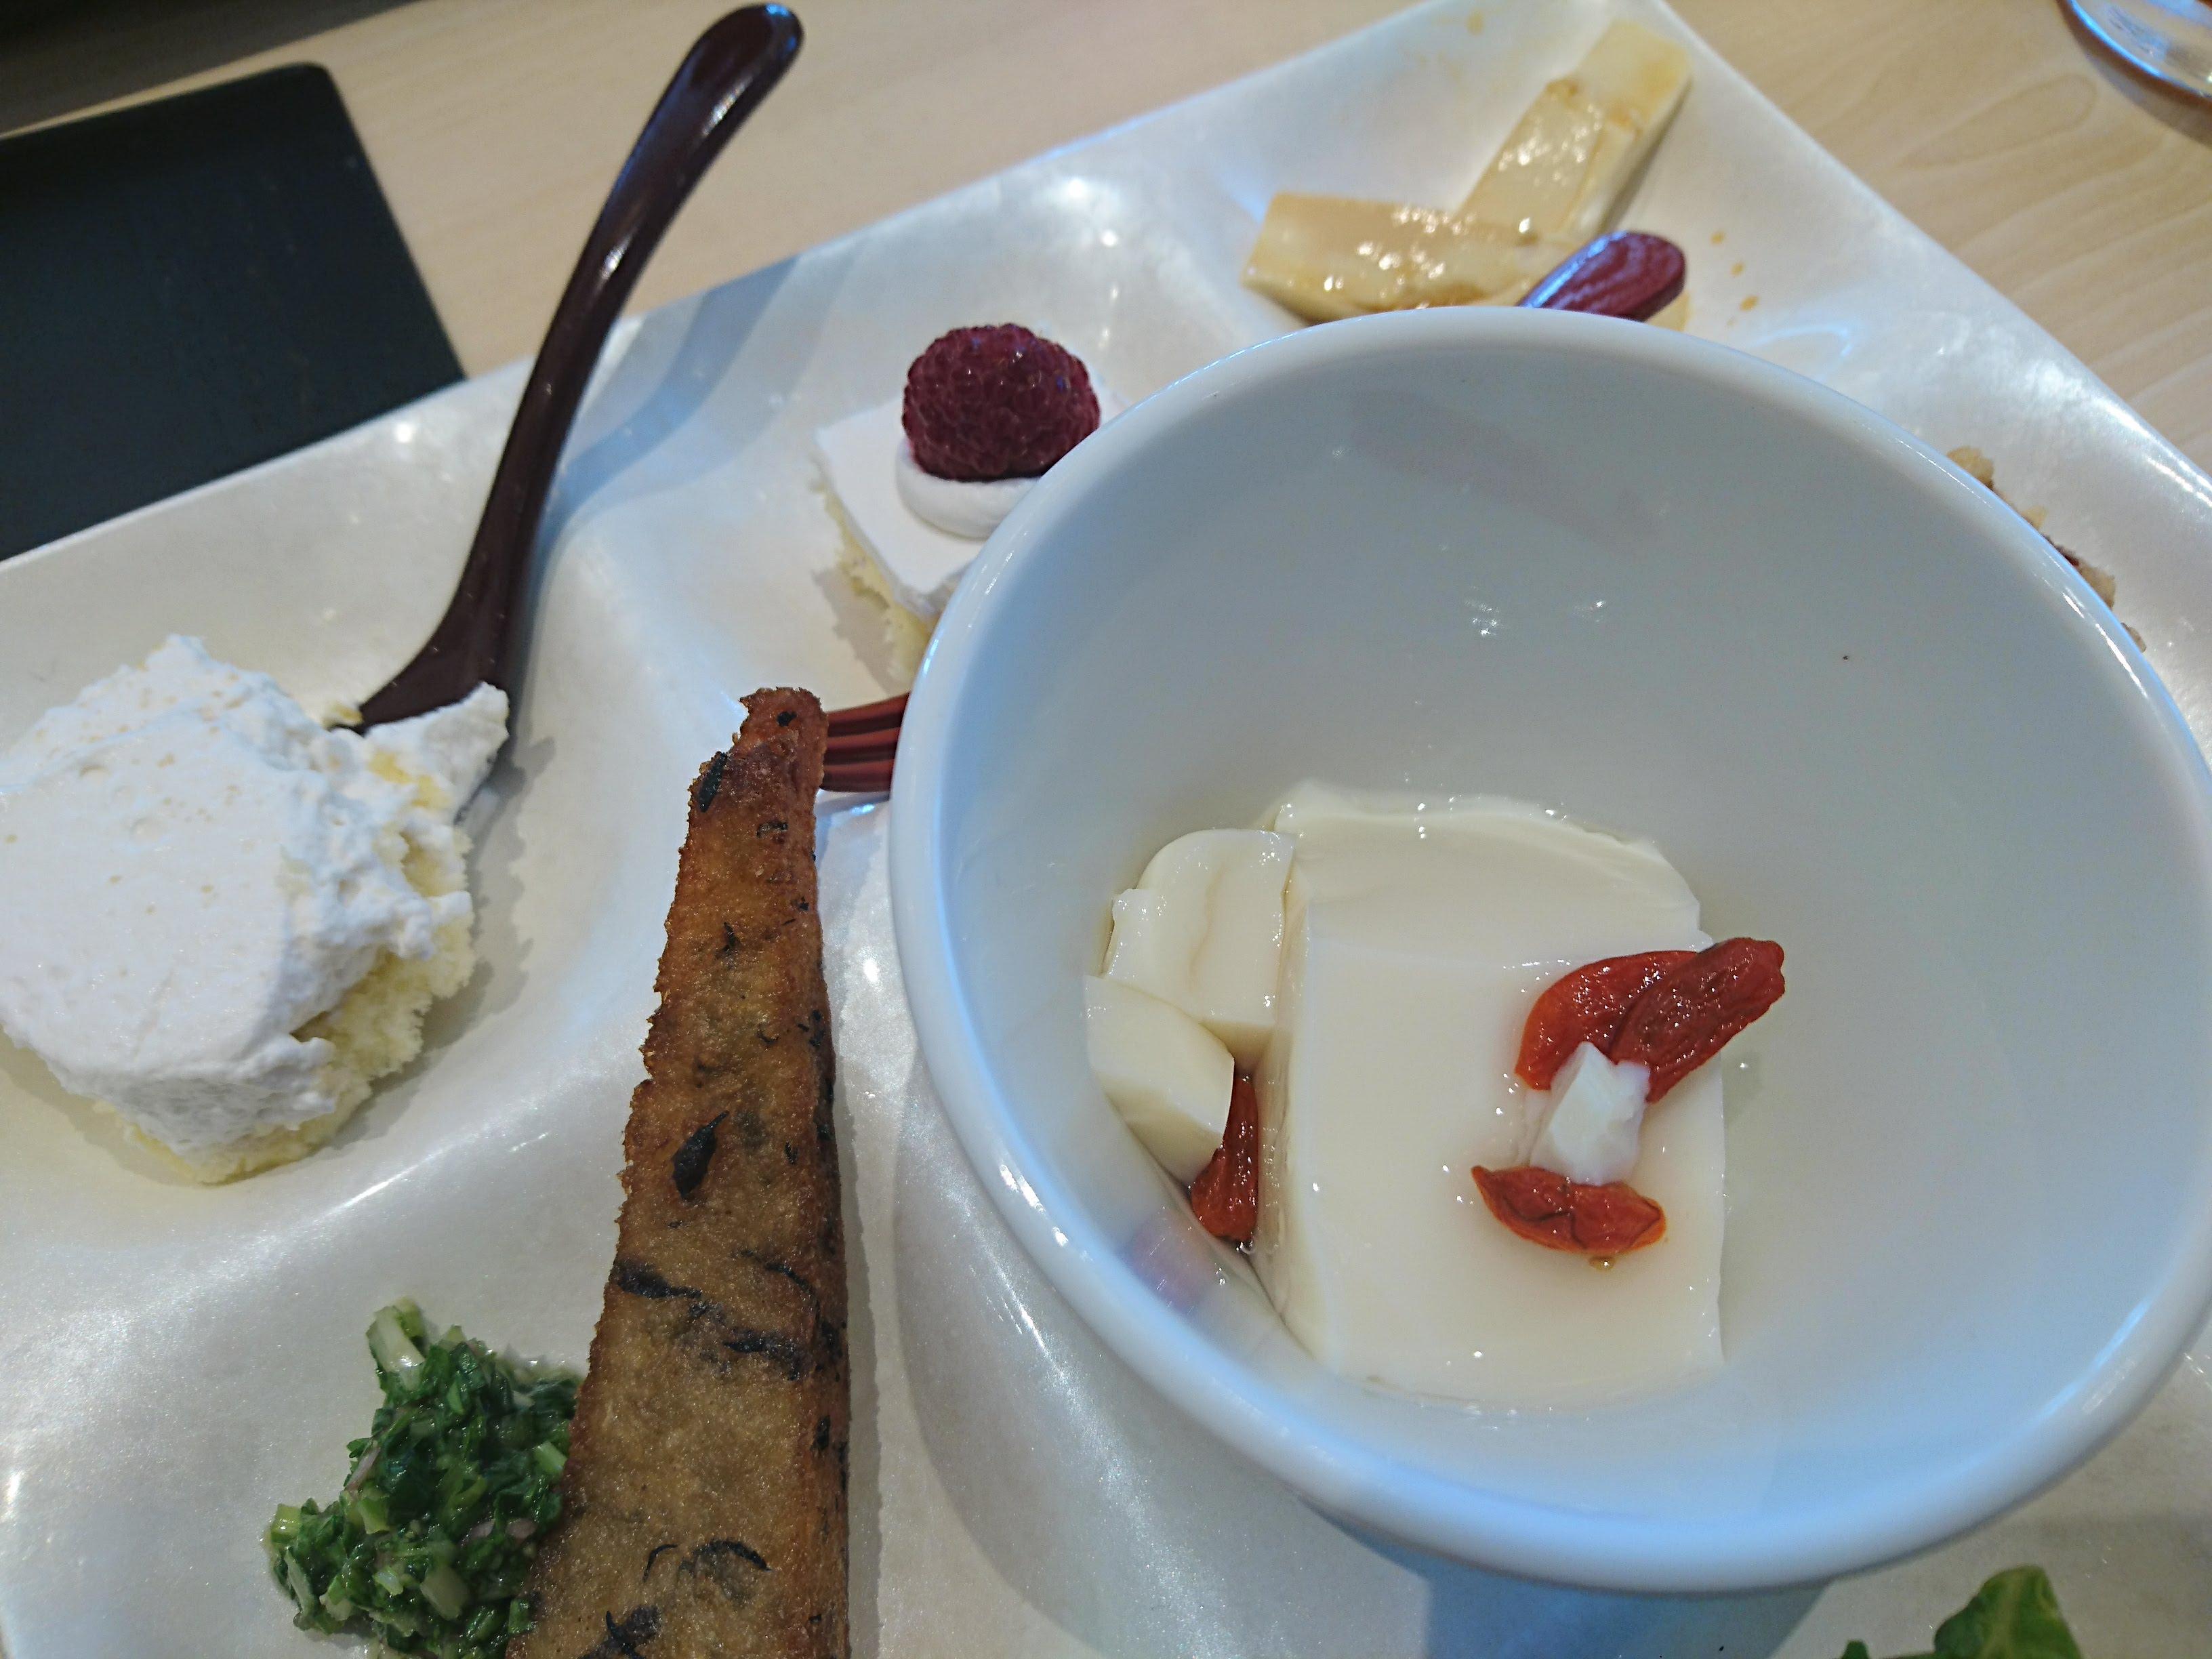 調布trie「はーべすと 自然食バイキング」デザート中心